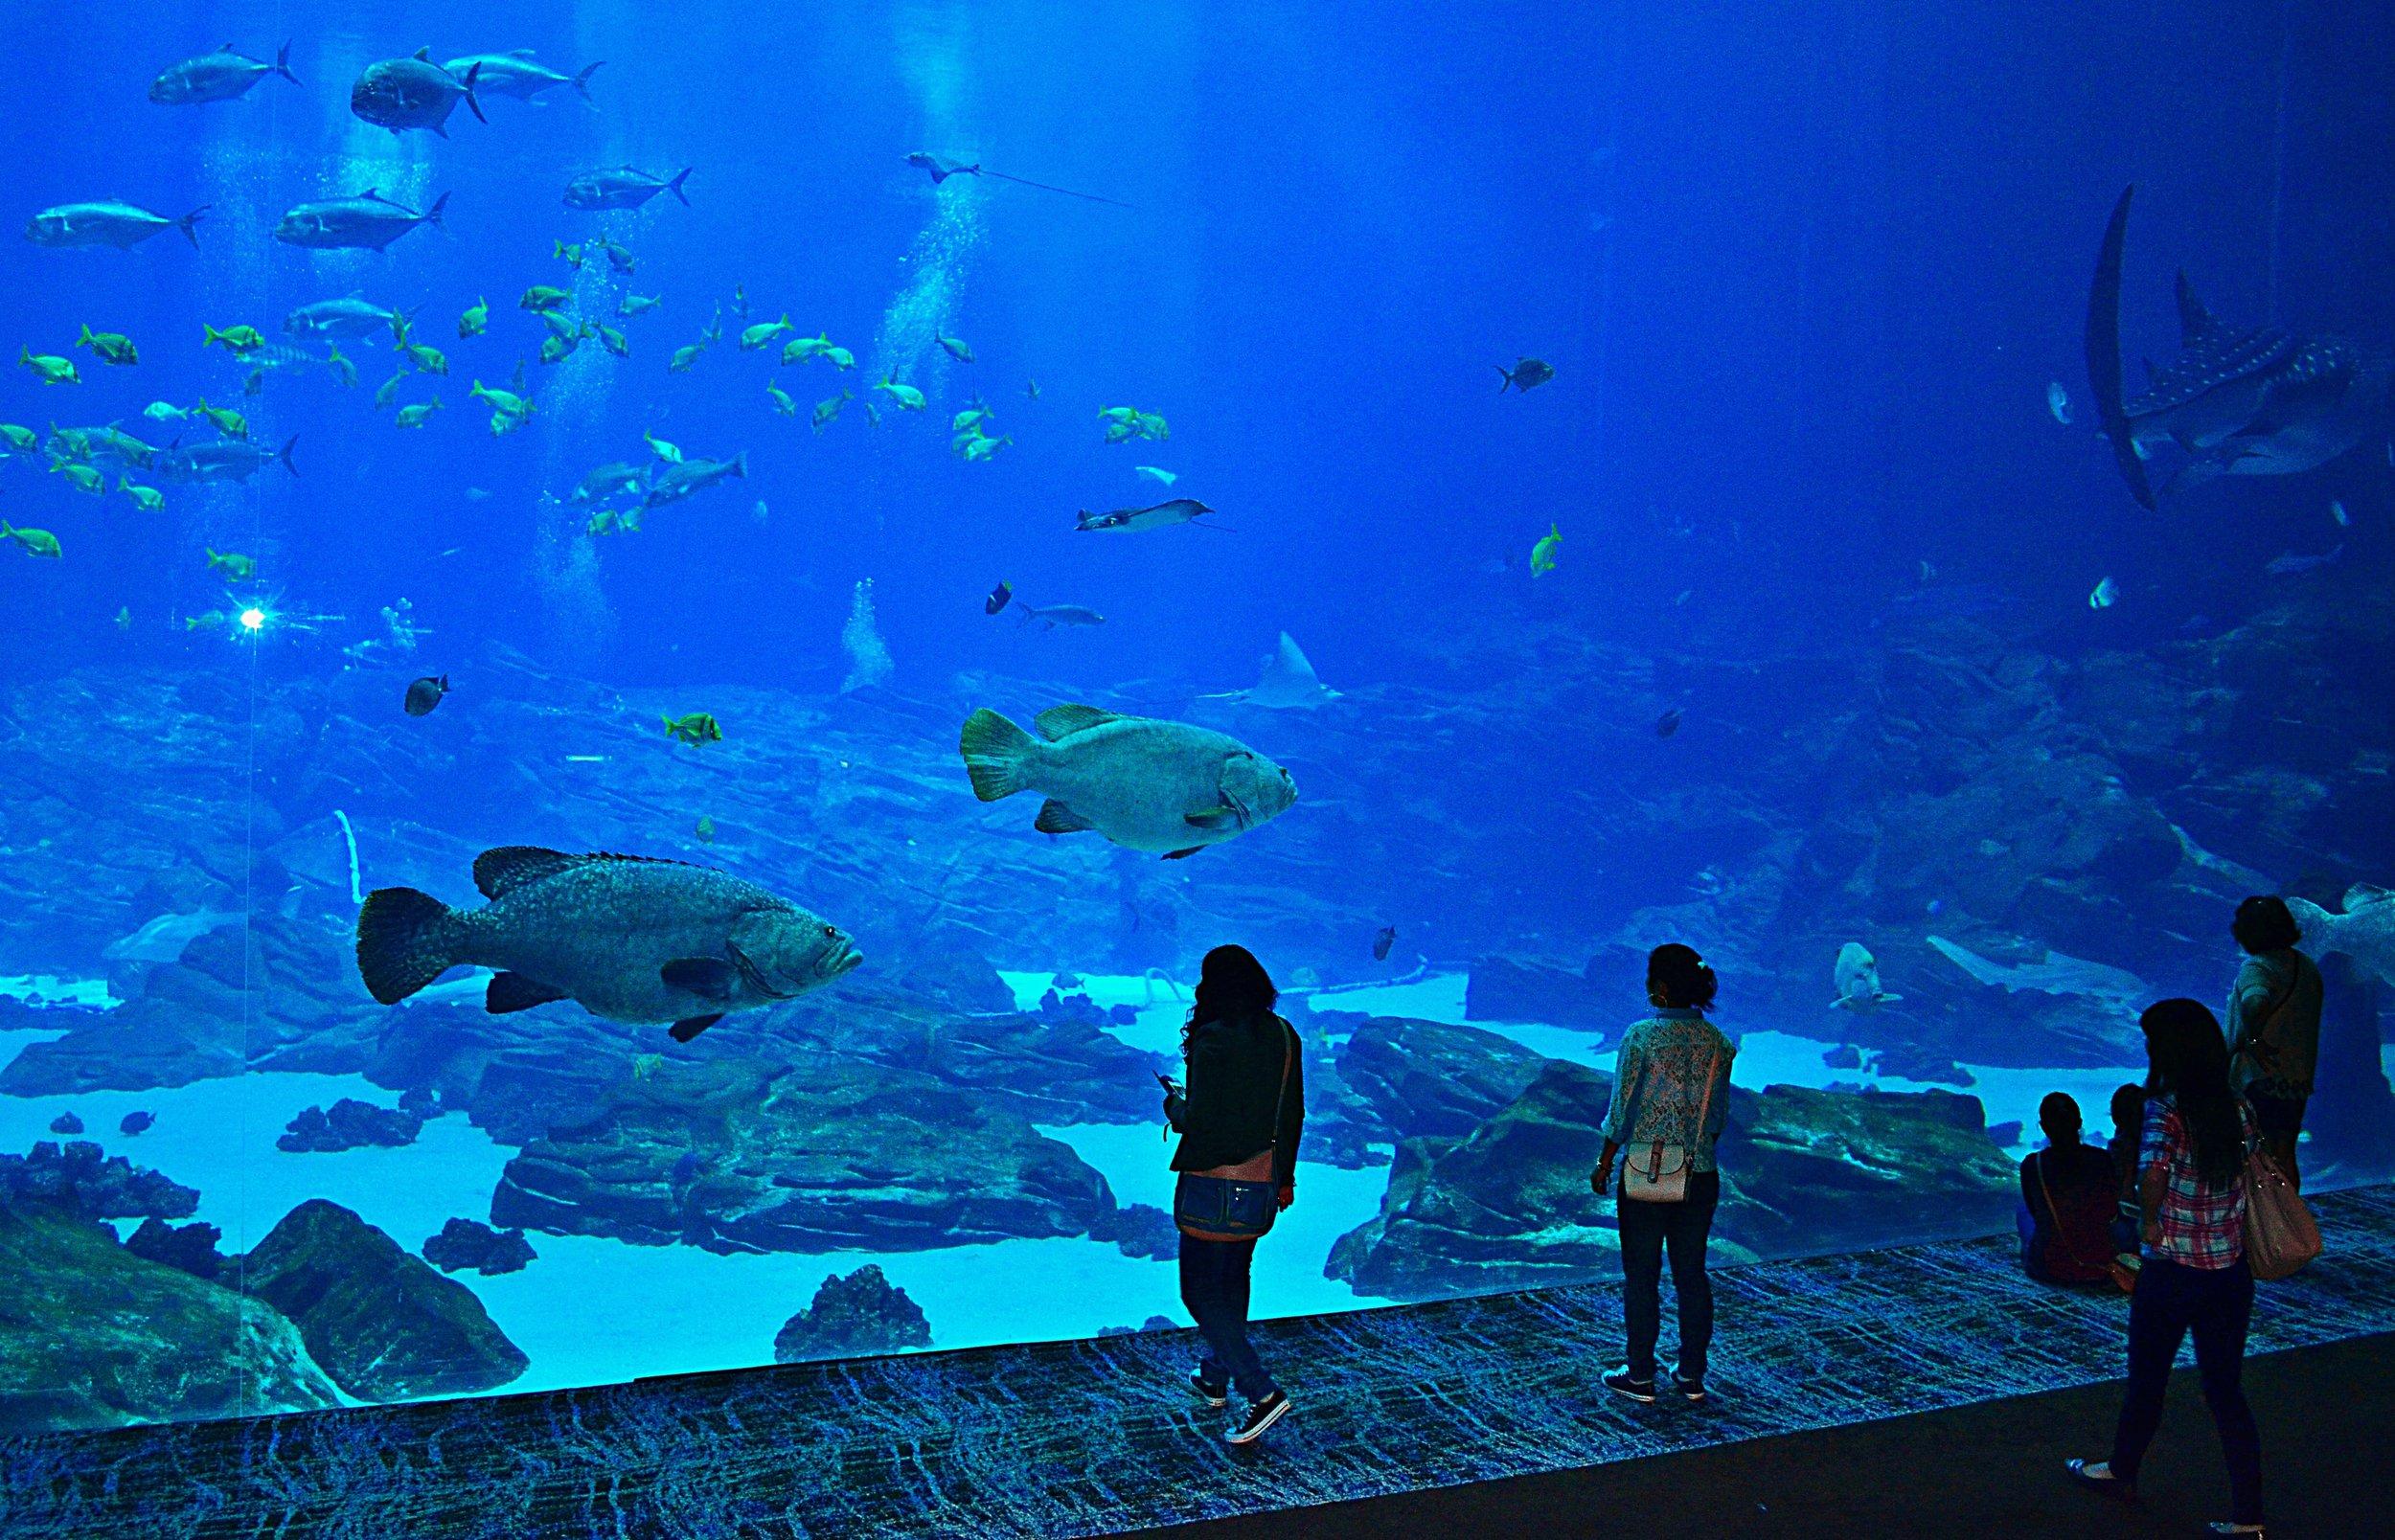 aquarium-736978.jpg